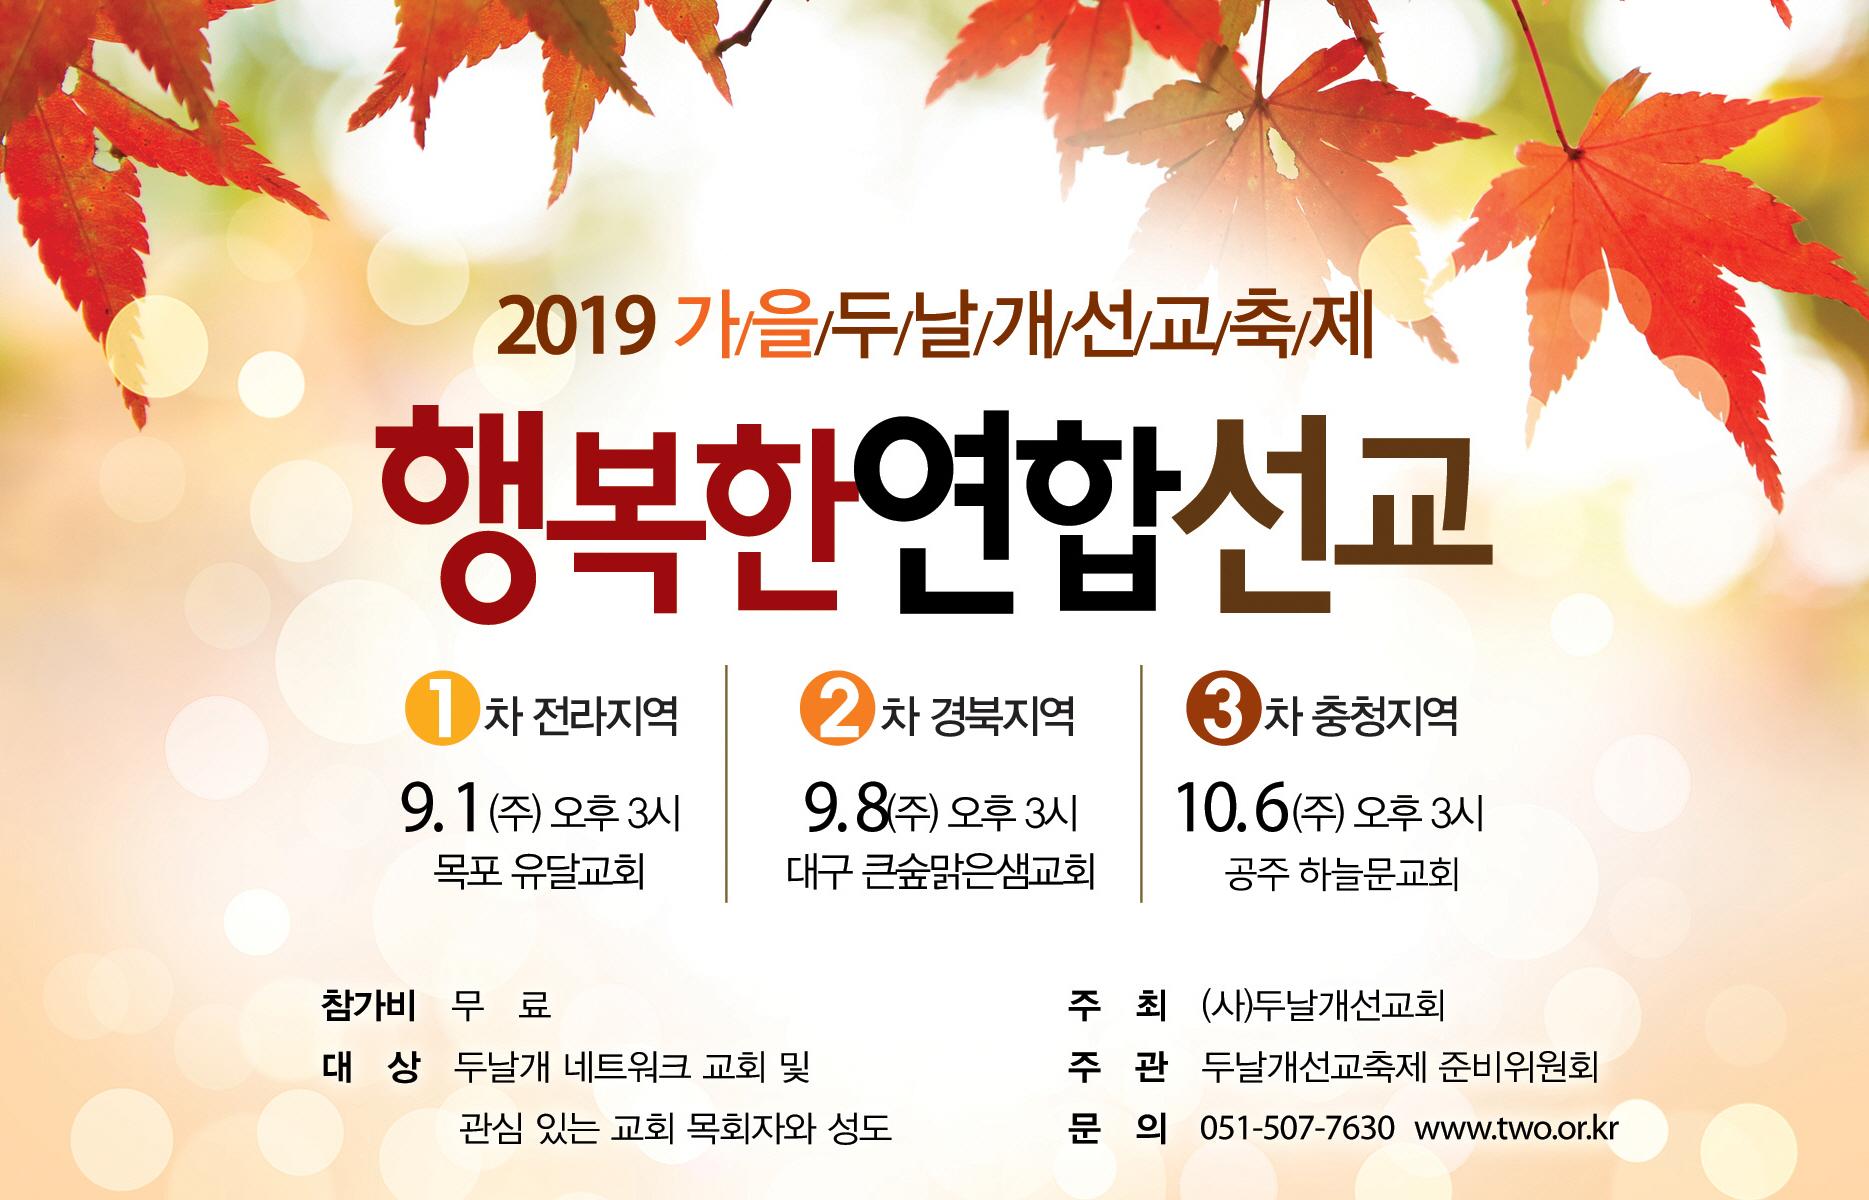 190901-2019가을두날개선교축제_행복한연합선교-2.jpg